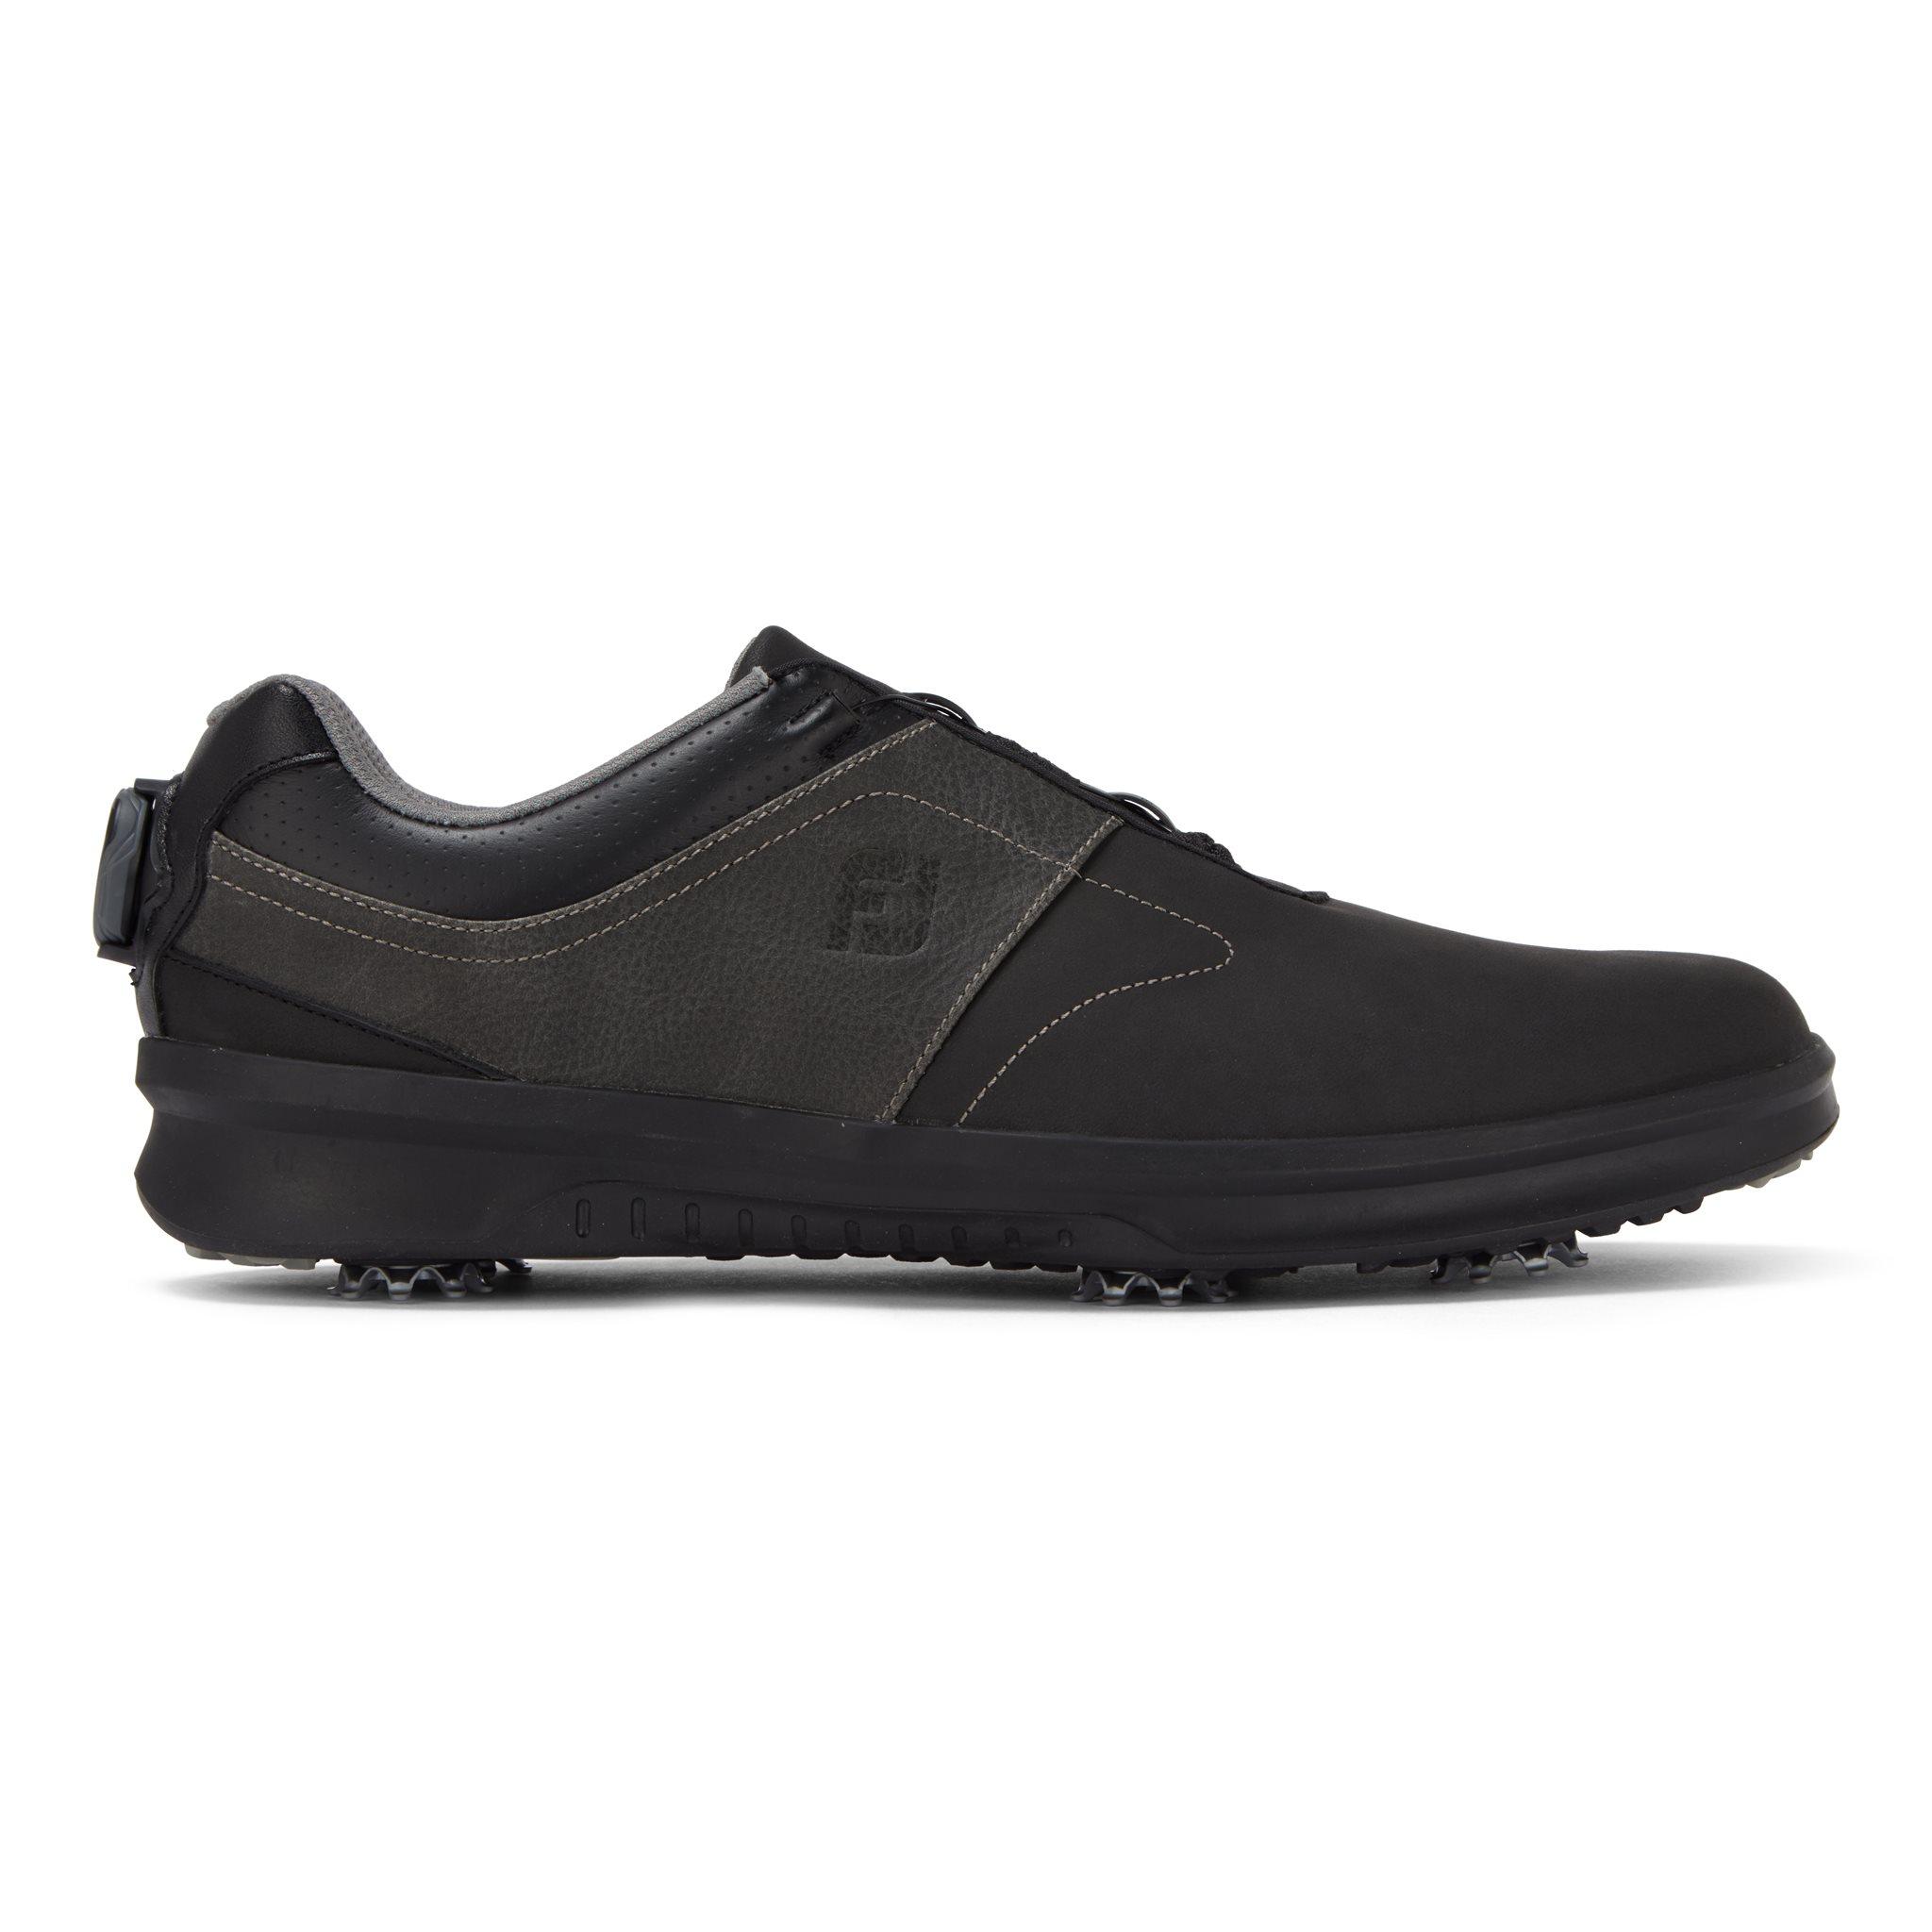 FootJoy heren golfschoenen Contour WIDE BOA zwart-grijs